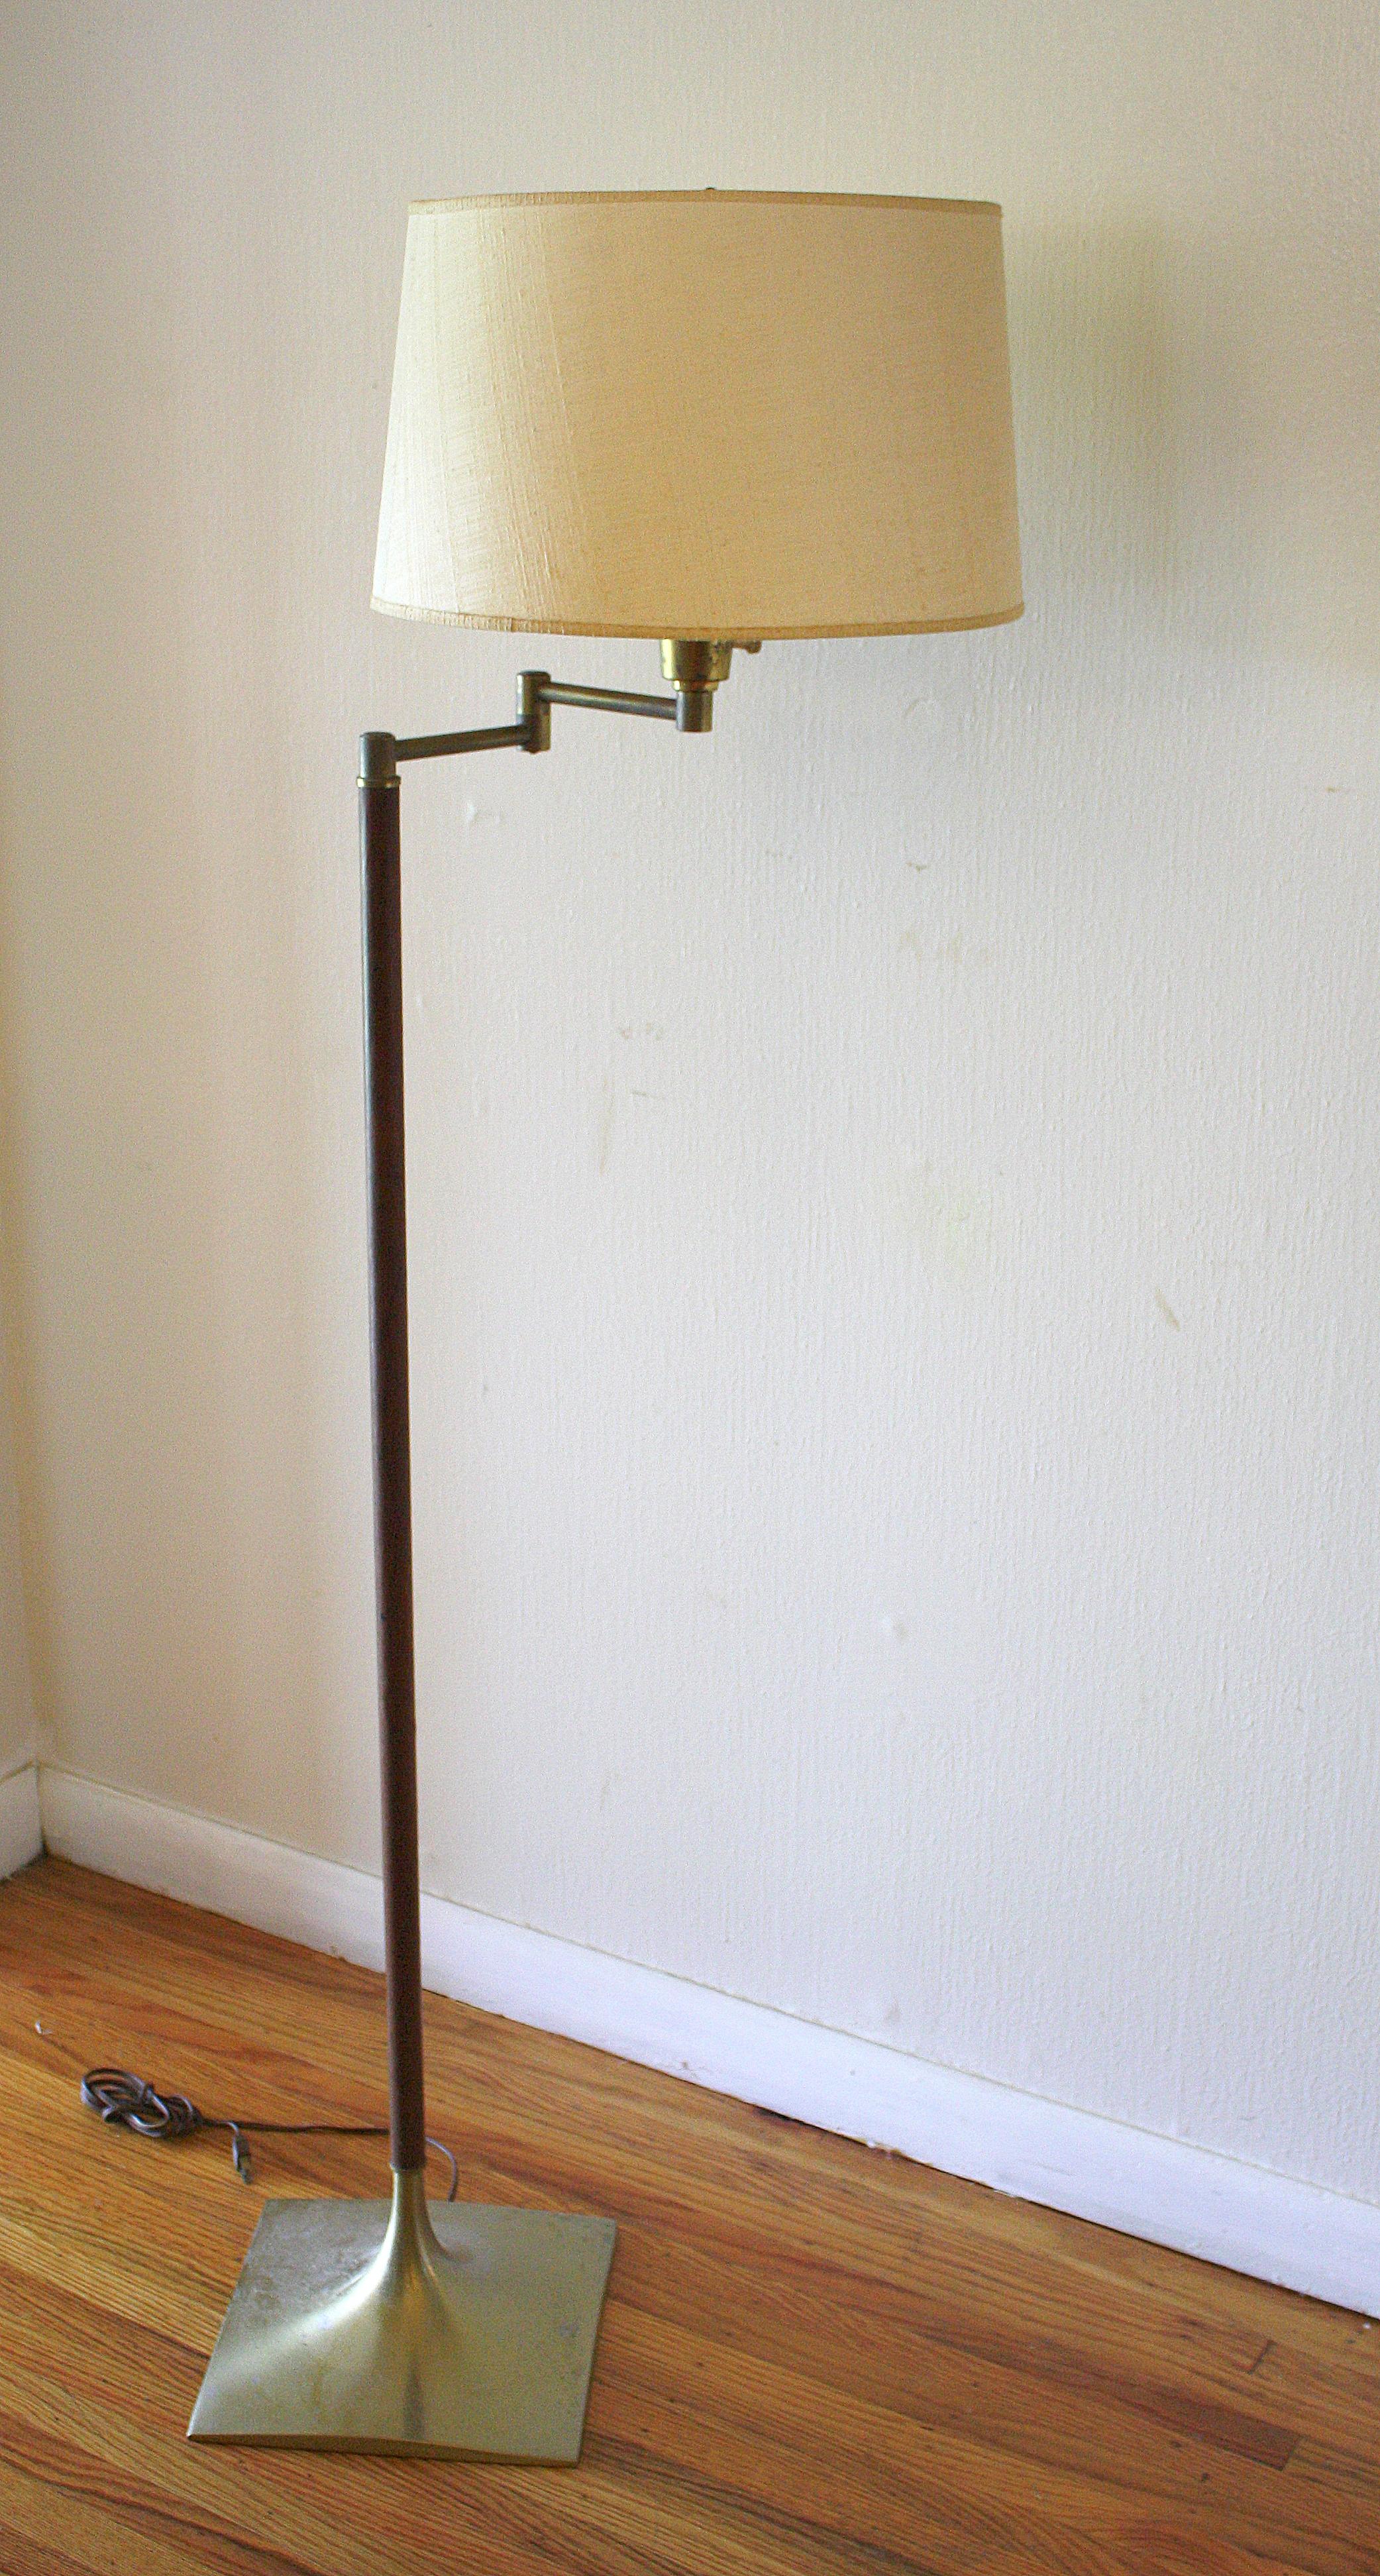 Vintage Herman Miller Chairs >> Mid Century Modern Swing Arm Floor Lamps | Picked Vintage